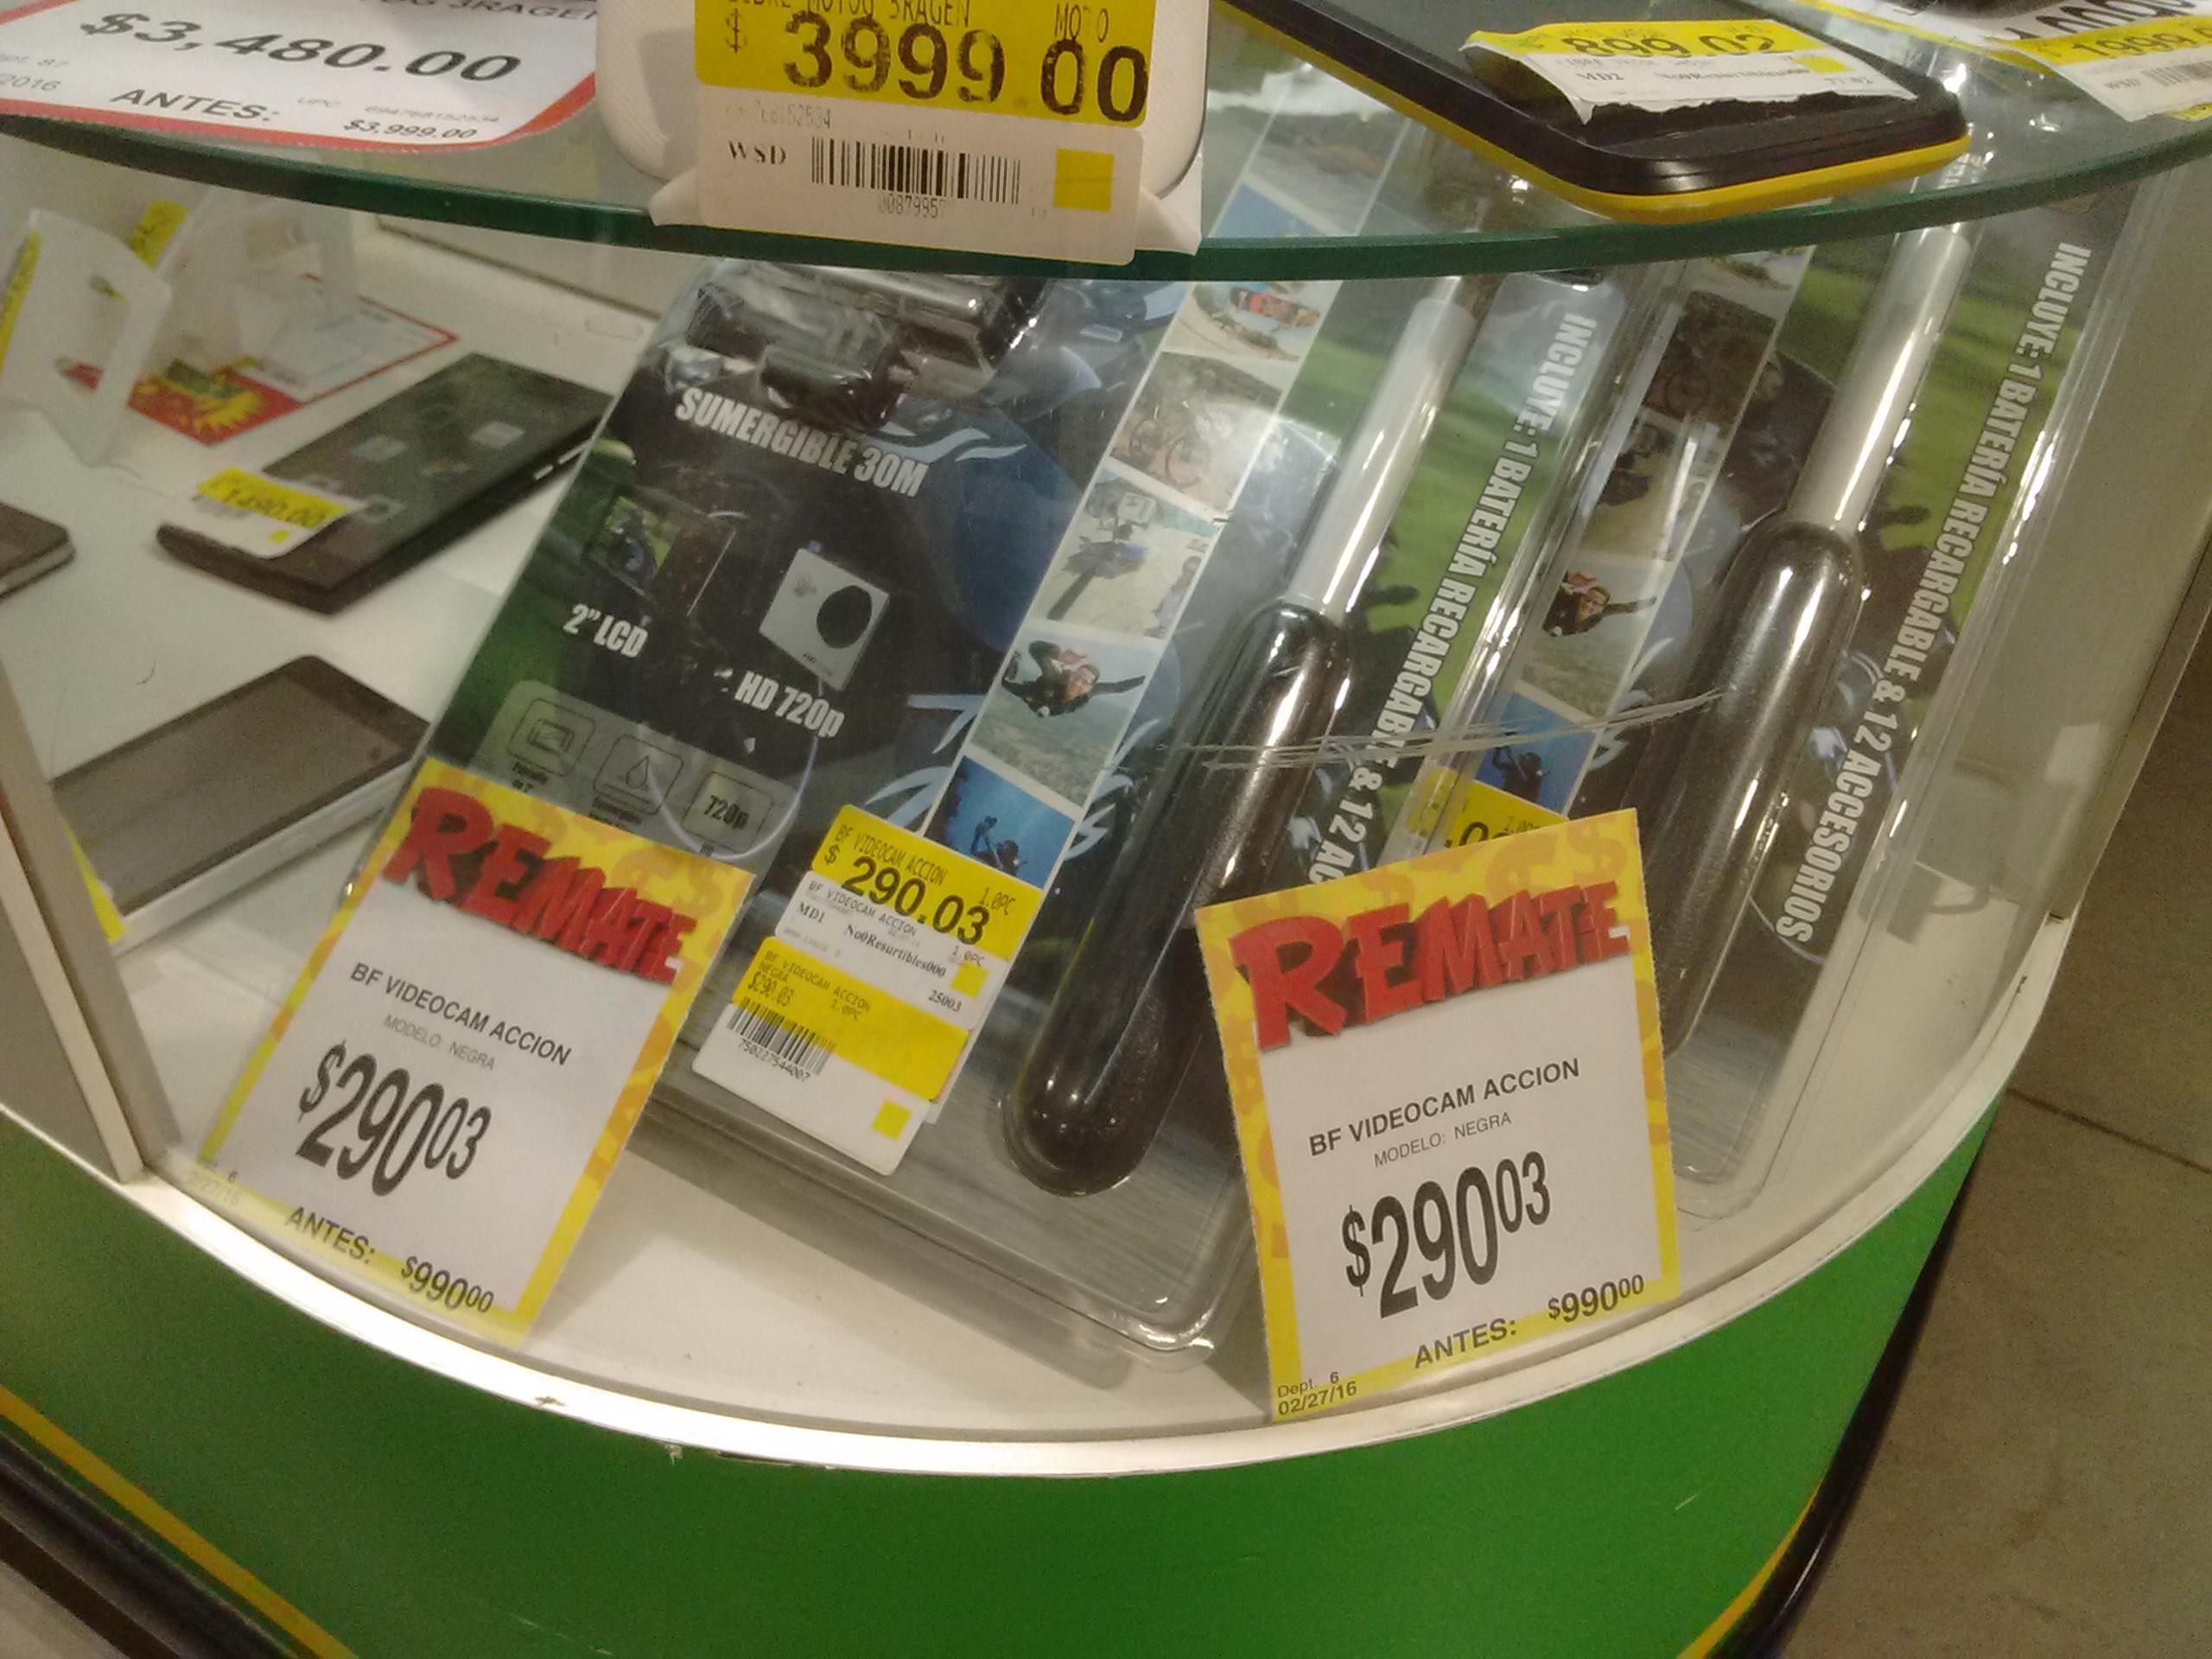 Bodega Aurrerá: Cámara Sumergible HD Action Camera con accesorios a $290.03